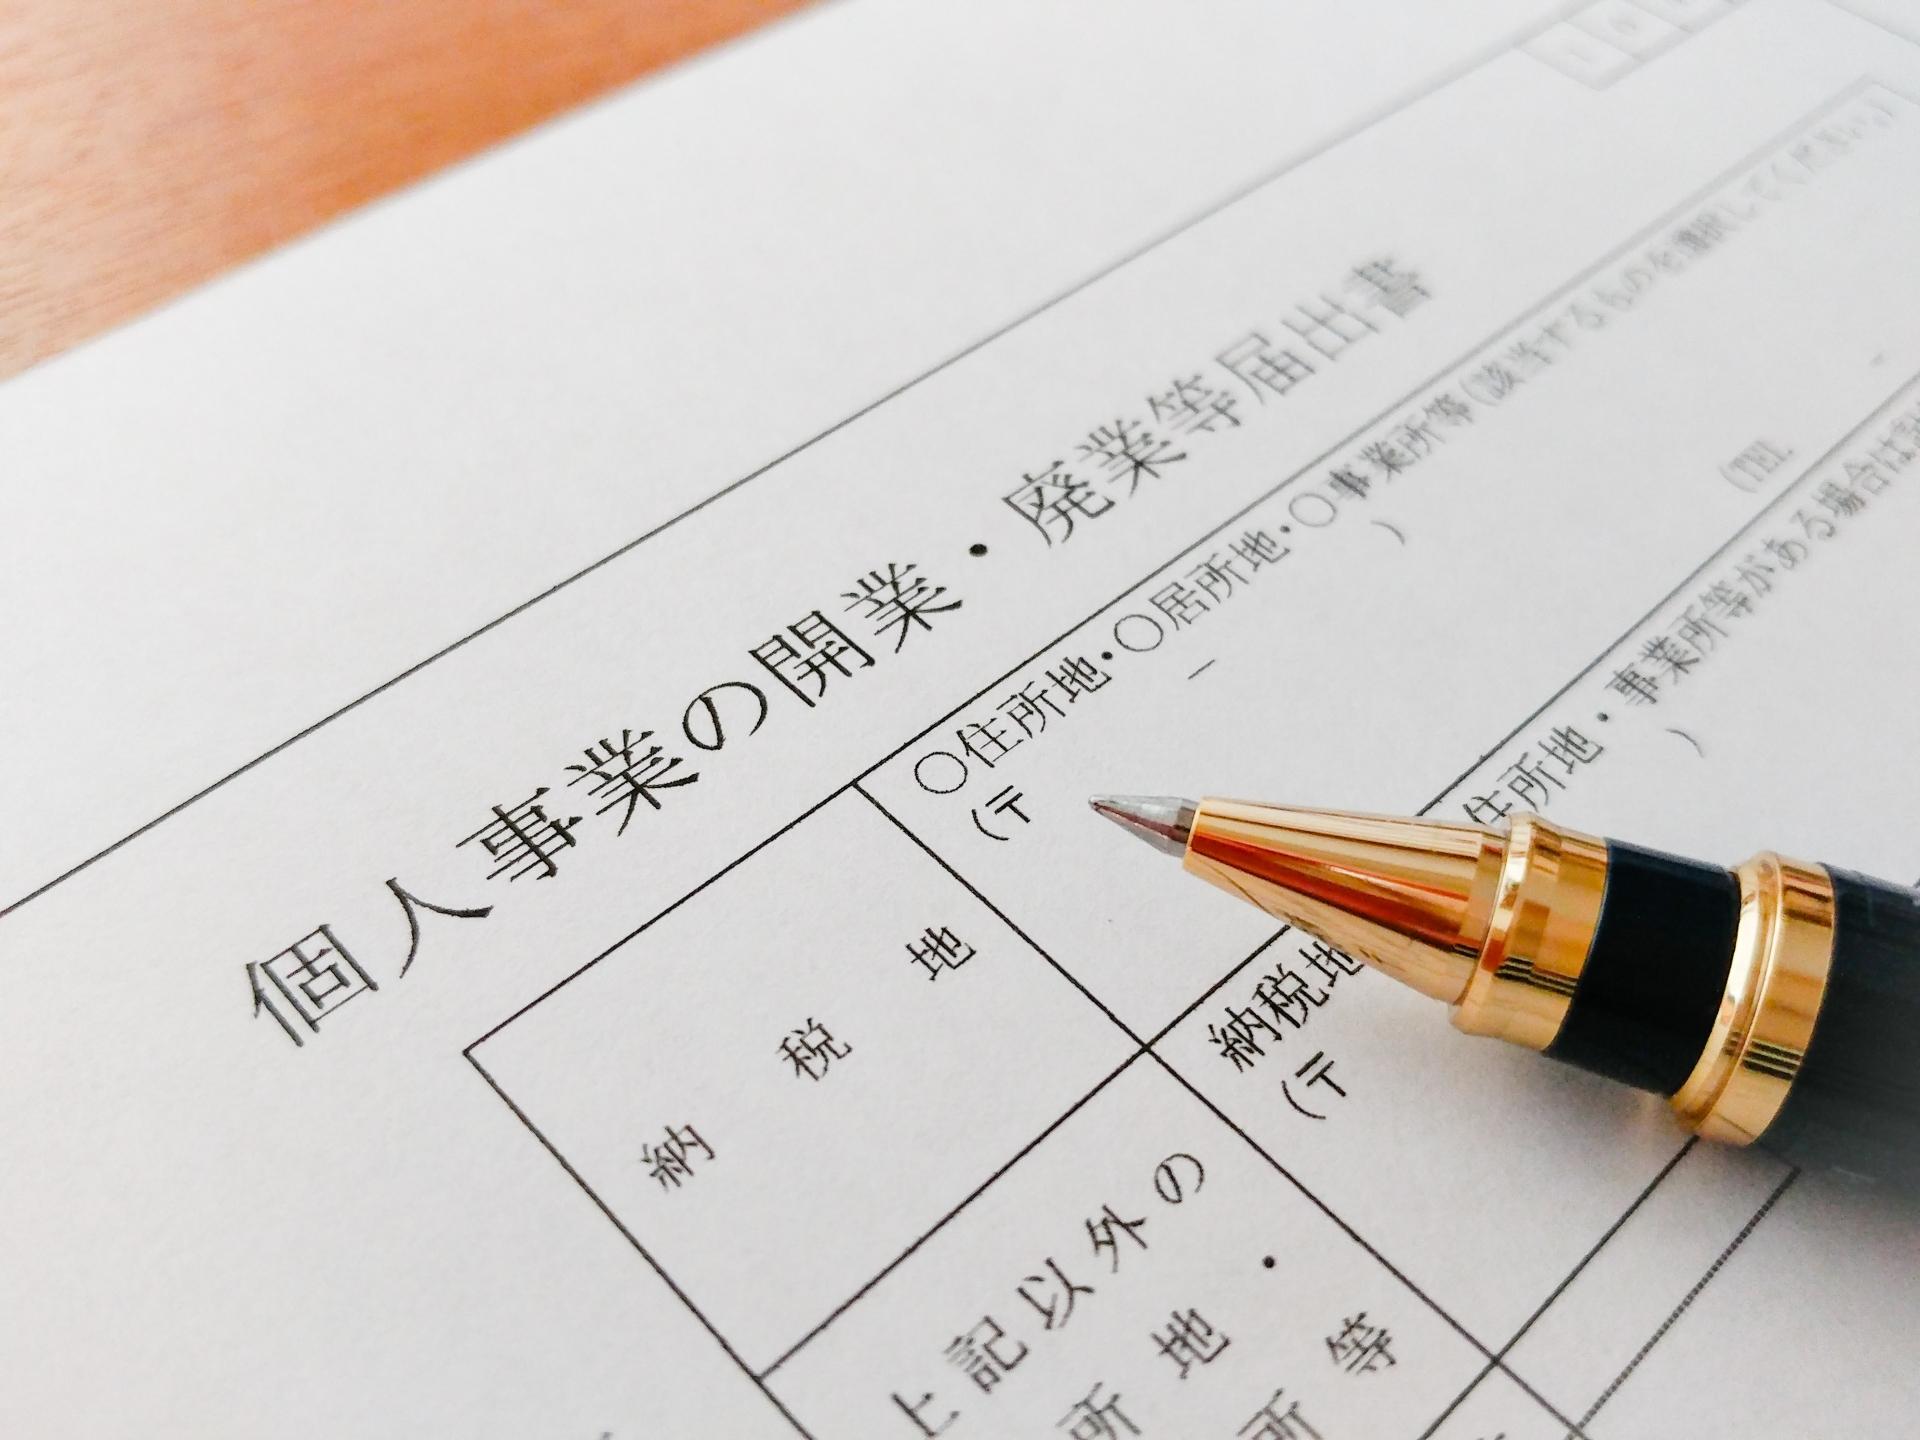 個人事業の開業届け手続き方法を解説|書き方や税務署に提出する手順と準備